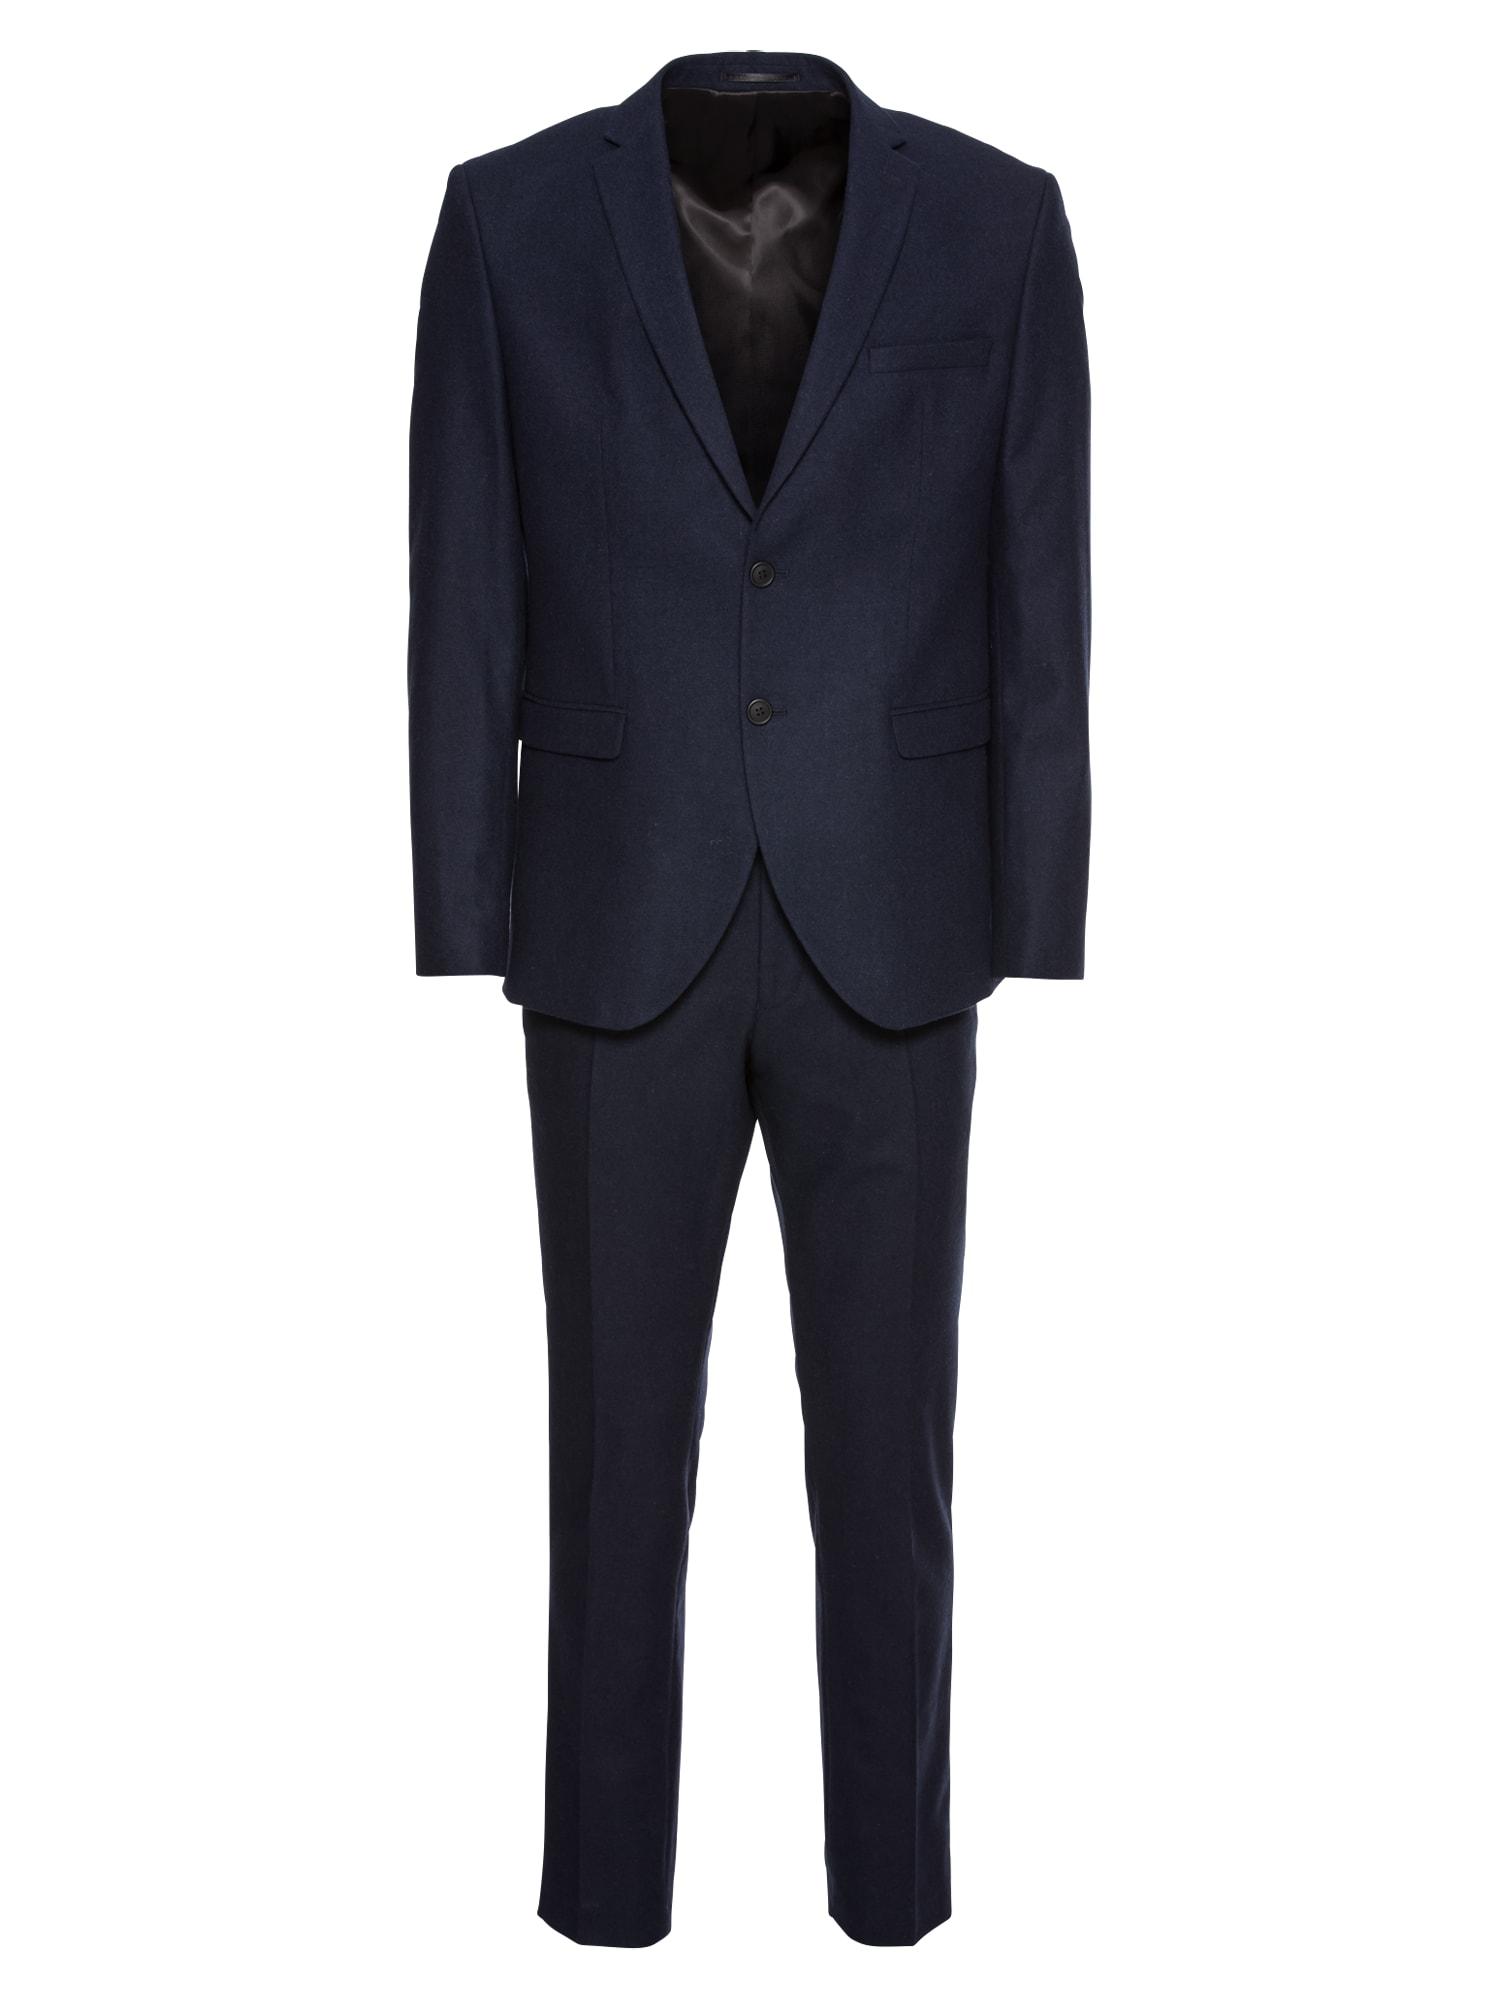 Oblek SLHSLIM-MYLOIVER DK NAVY SUIT B námořnická modř SELECTED HOMME